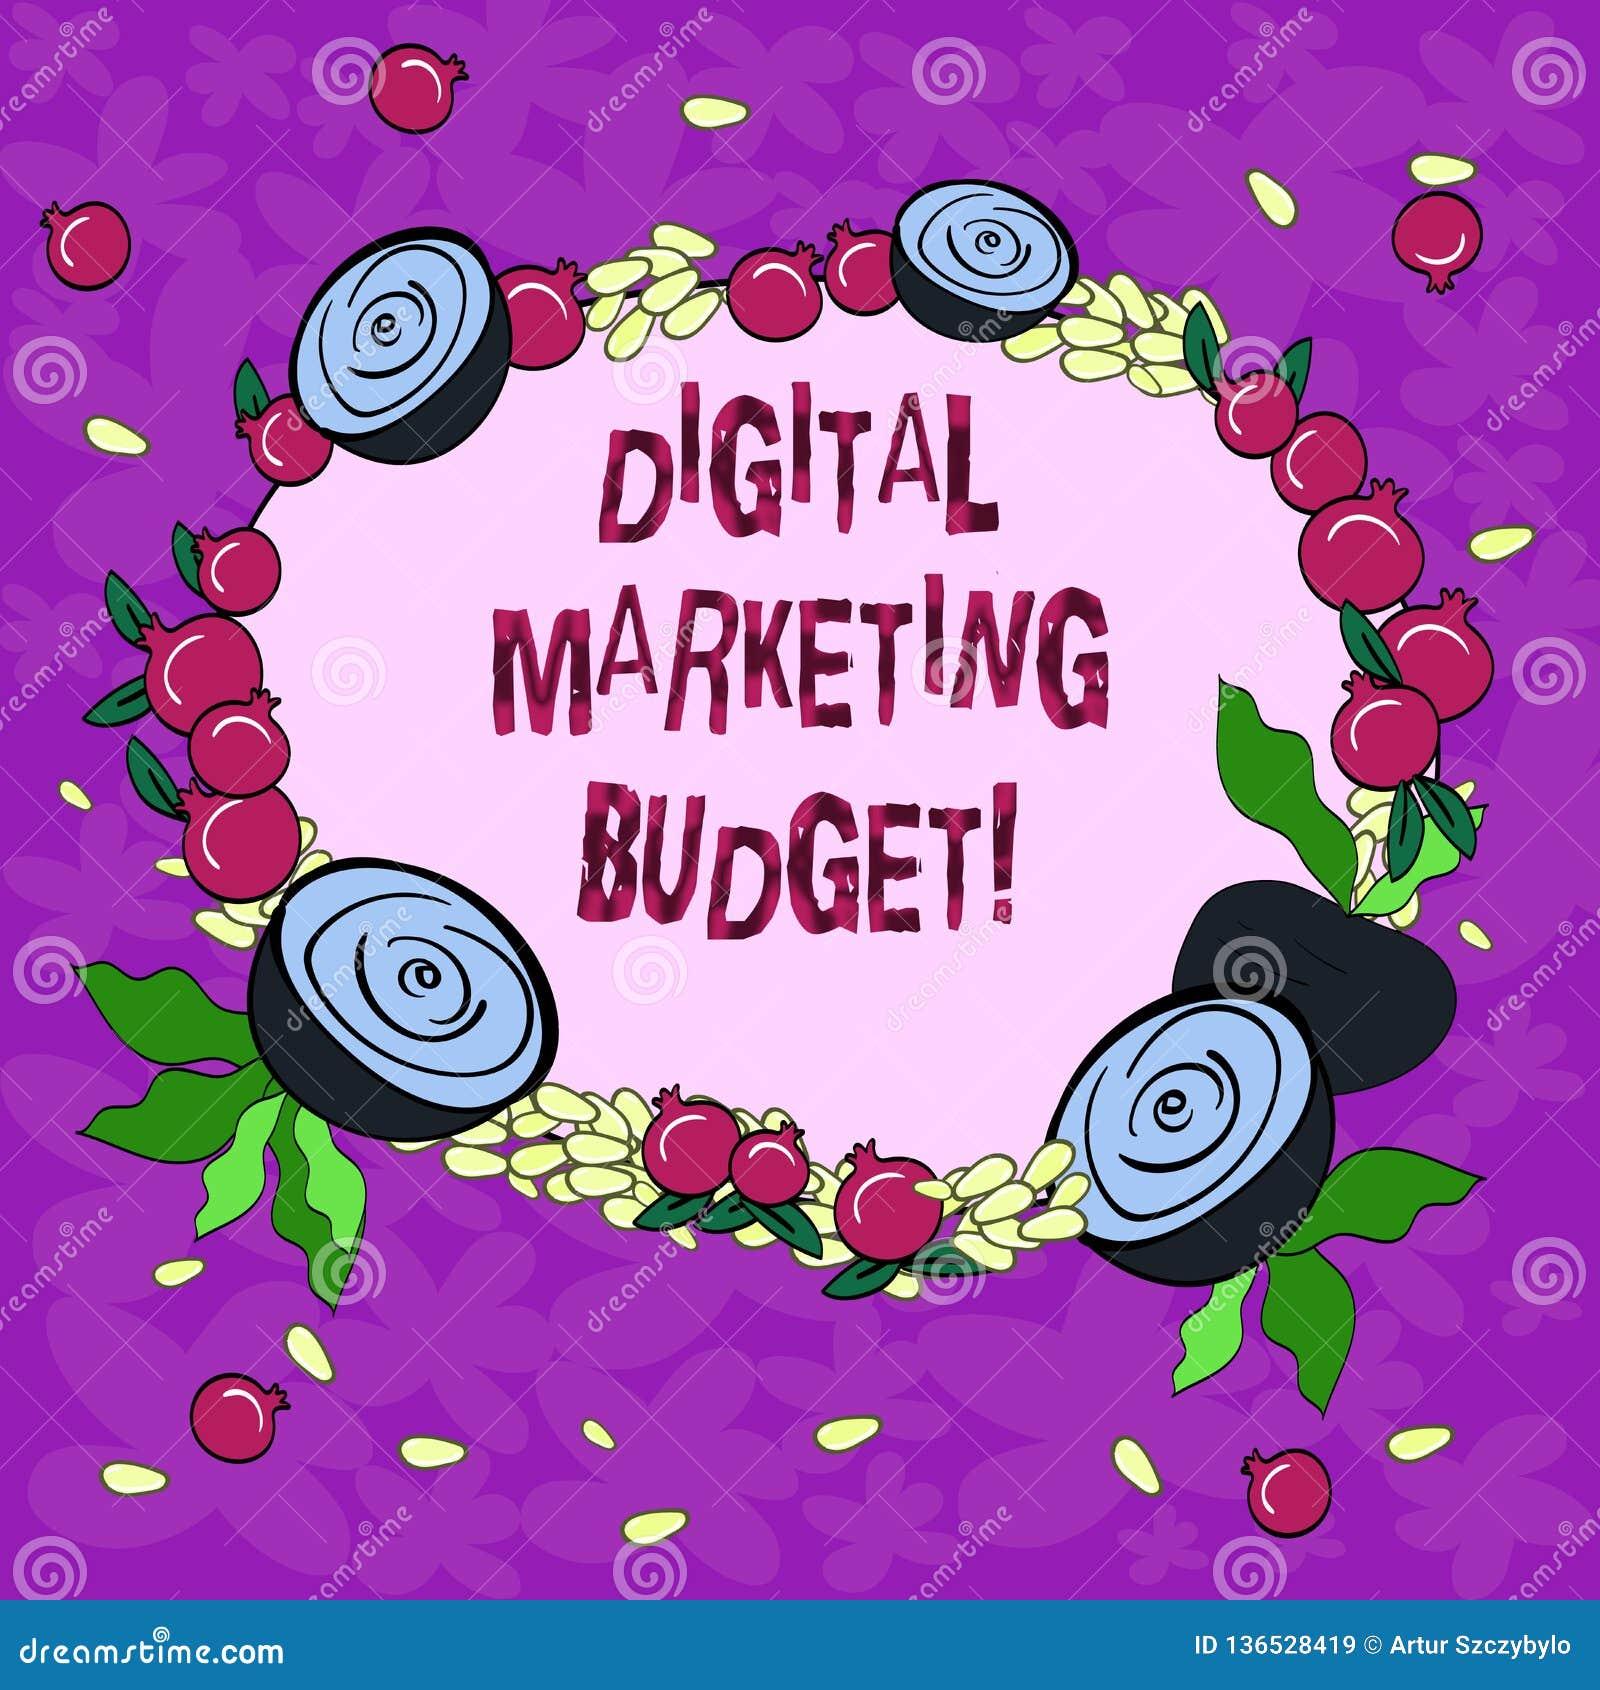 Εννοιολογικό χέρι που γράφει παρουσιάζοντας ψηφιακό προϋπολογισμό μάρκετινγκ Κόστος επίδειξης επιχειρησιακών φωτογραφιών που θα α